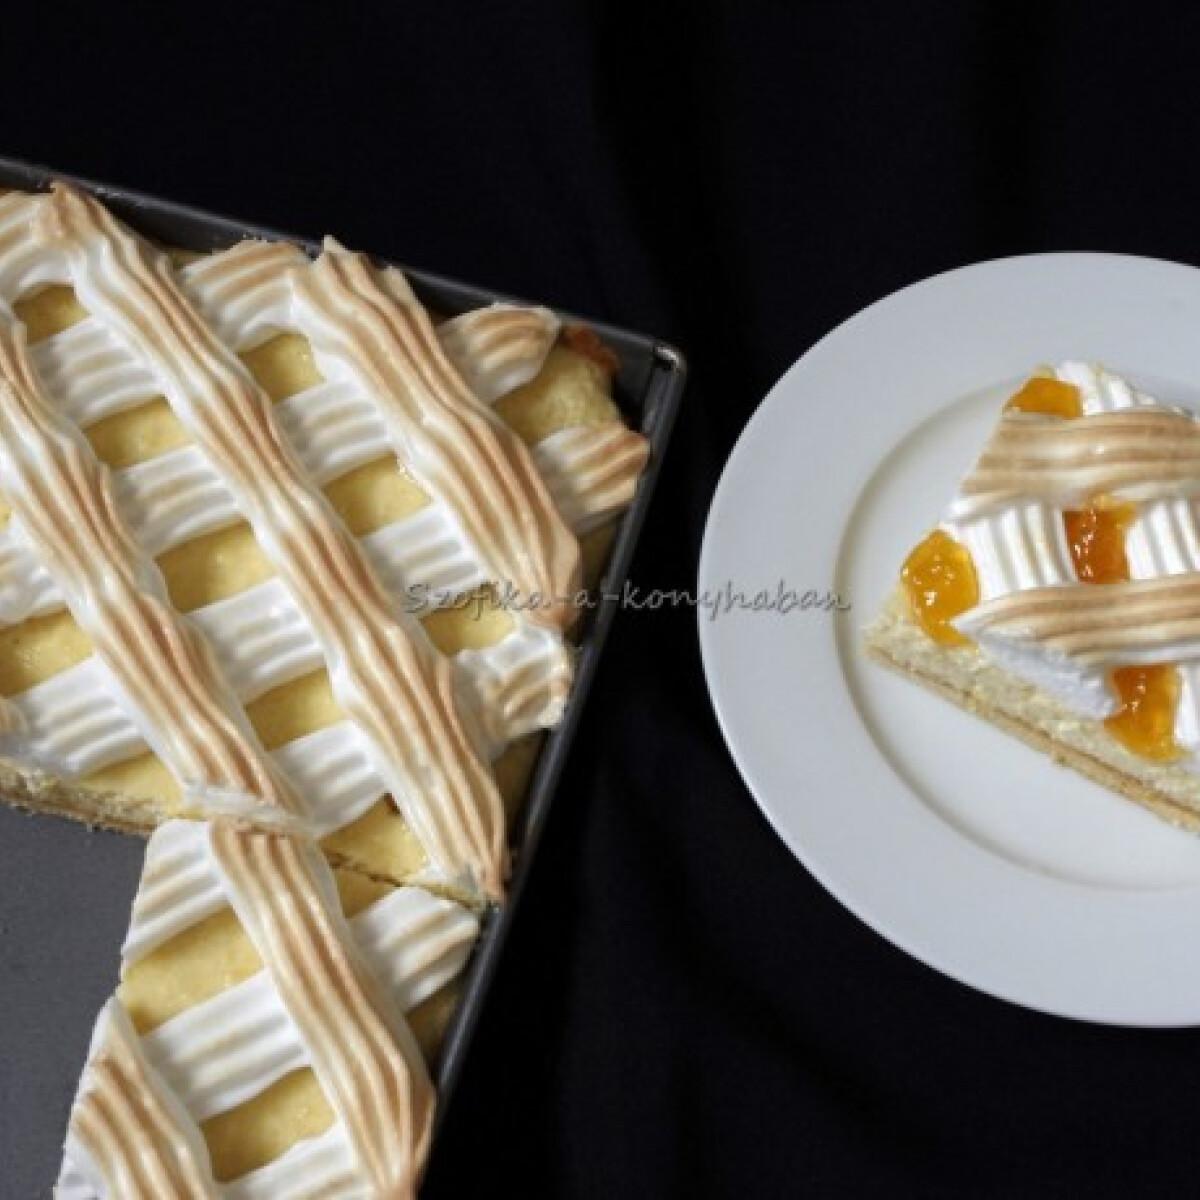 Rákóczi-túrós Szofika konyhájából